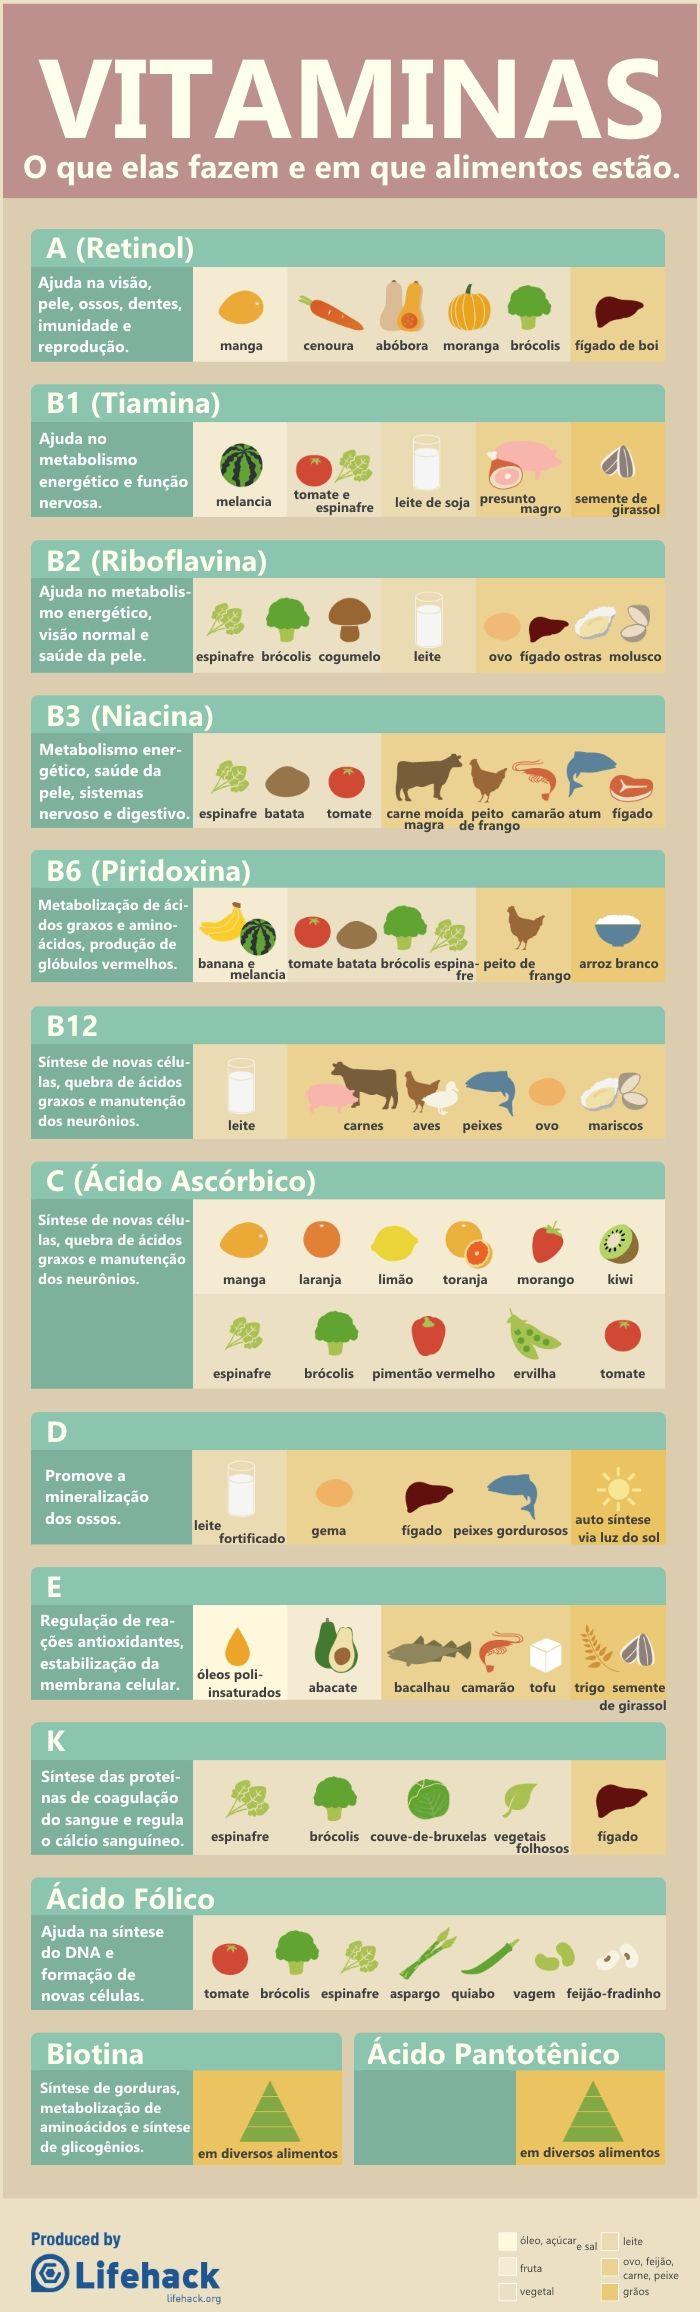 Entenda as vitaminas